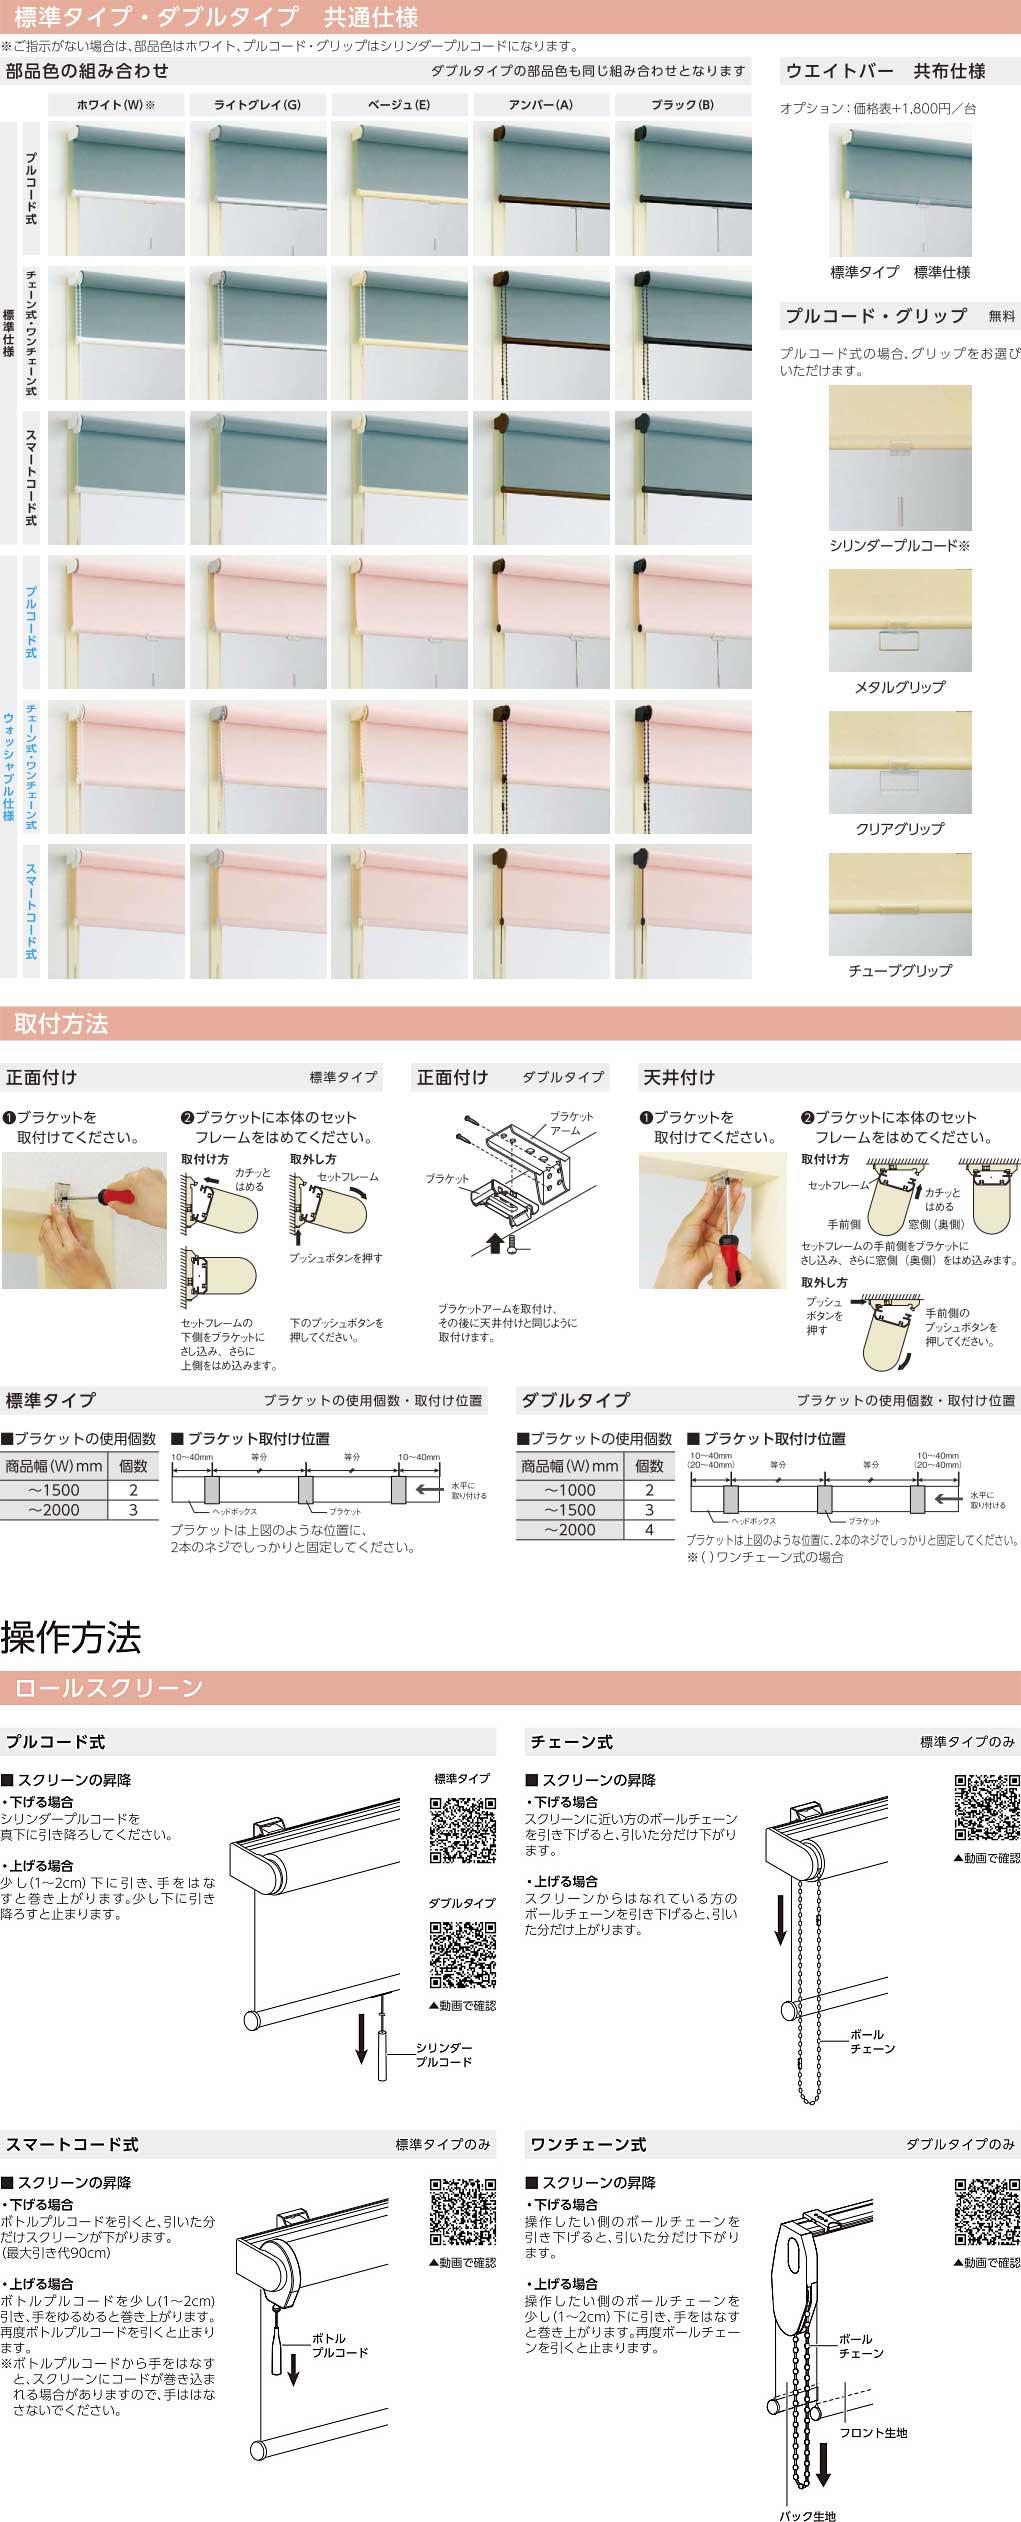 ニチベイ ロールスクリーン 標準タイプ・ダブルタイプ 共通仕様 取付方法 操作方法